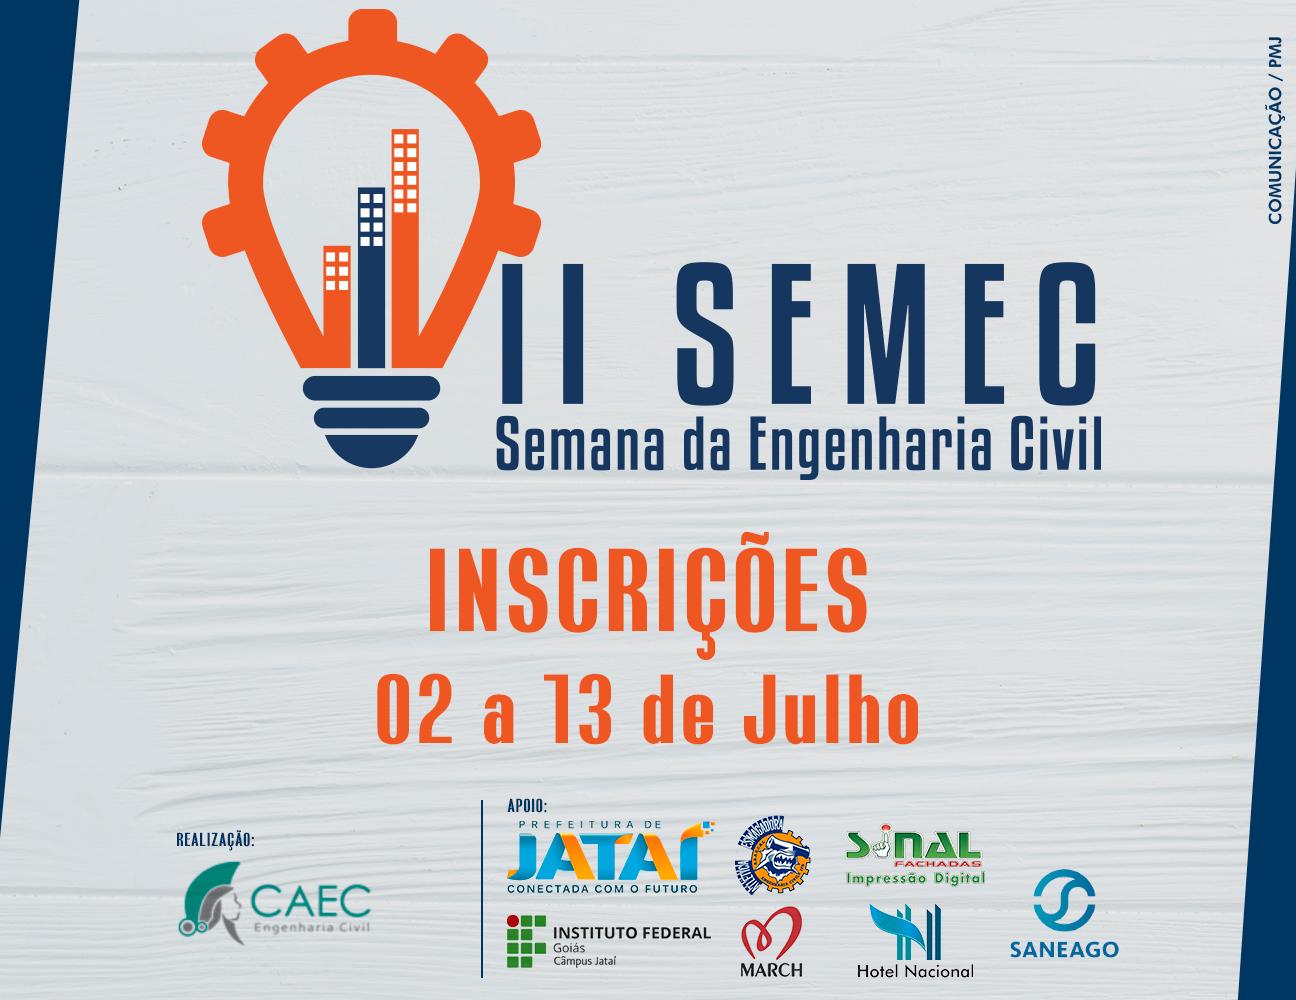 EDUCAÇÃO   Inscrições abertas para a II Semana da Engenharia Civil ... 961cb279ef